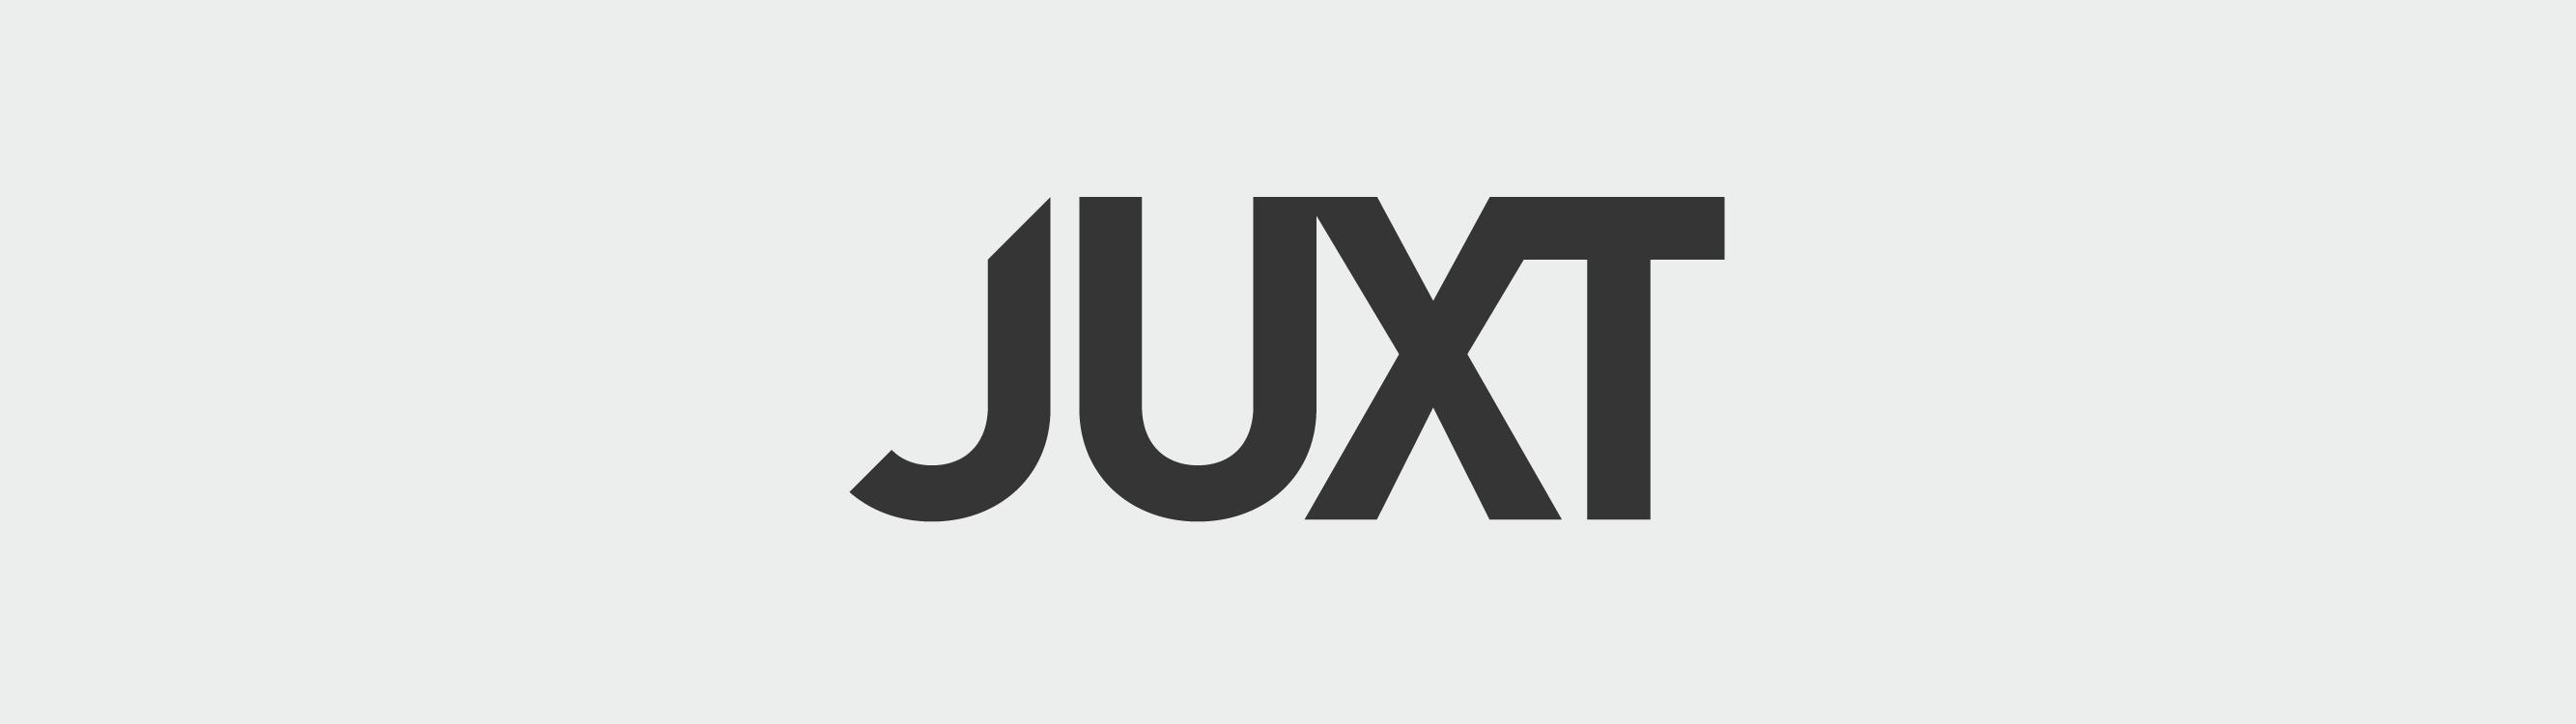 noid-640x180_Juxt_Logo-01